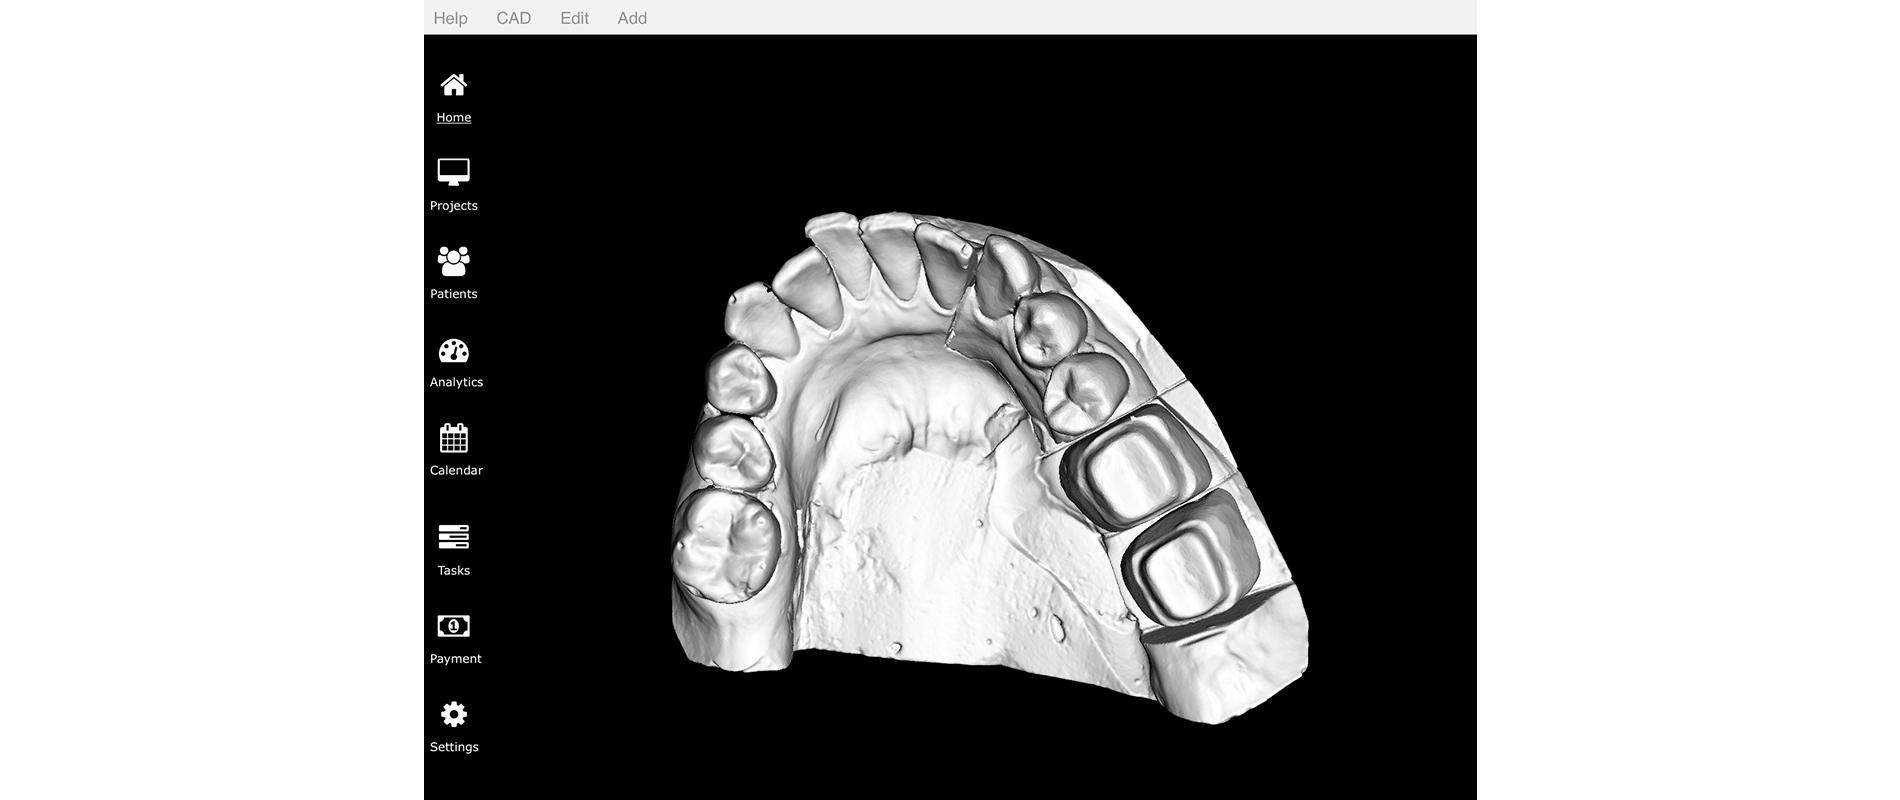 Погружение в технологию блокчейн: Экосистема цифровой стоматологии - 3